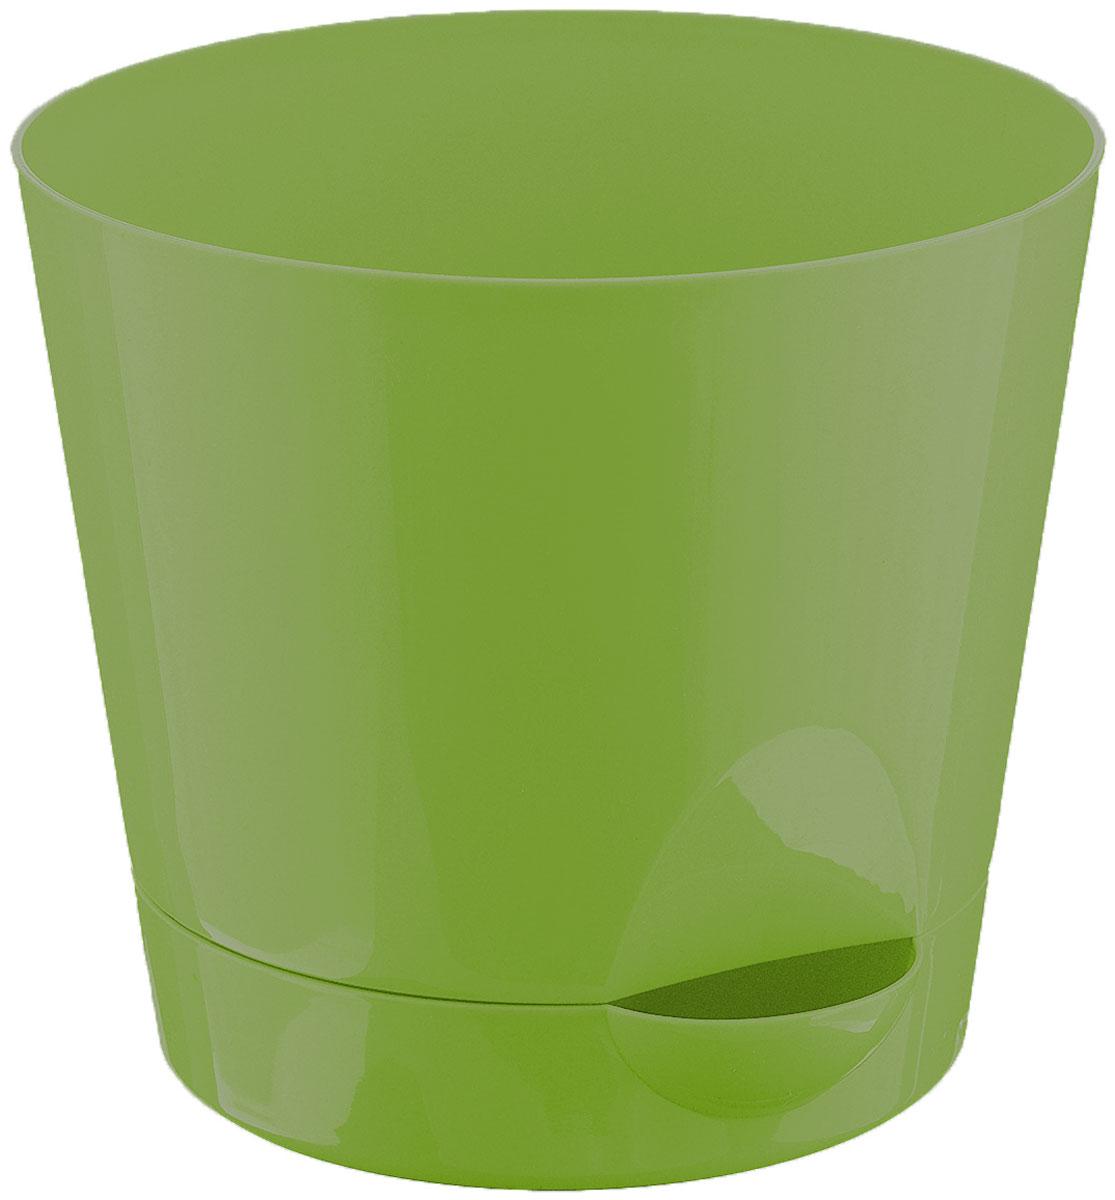 Кашпо Idea Ника, с прикорневым поливом, с поддоном, цвет: ярко-зеленый, 2,7 лZ-0307Кашпо Idea Ника изготовлено из высококачественного полипропилена (пластика). В комплект входит поддон со специальной выемкой, благодаря которому имеется возможность прикорневого полива. Изделие подходит для выращивания растений и цветов в домашних условиях. Стильная яркая картинка сделает такое кашпо прекрасным дополнением интерьера. Объем горшка: 2,7 л. Диаметр горшка (по верхнему краю): 18 см. Высота горшка: 16,5 см. Диаметр подставки: 15 см.